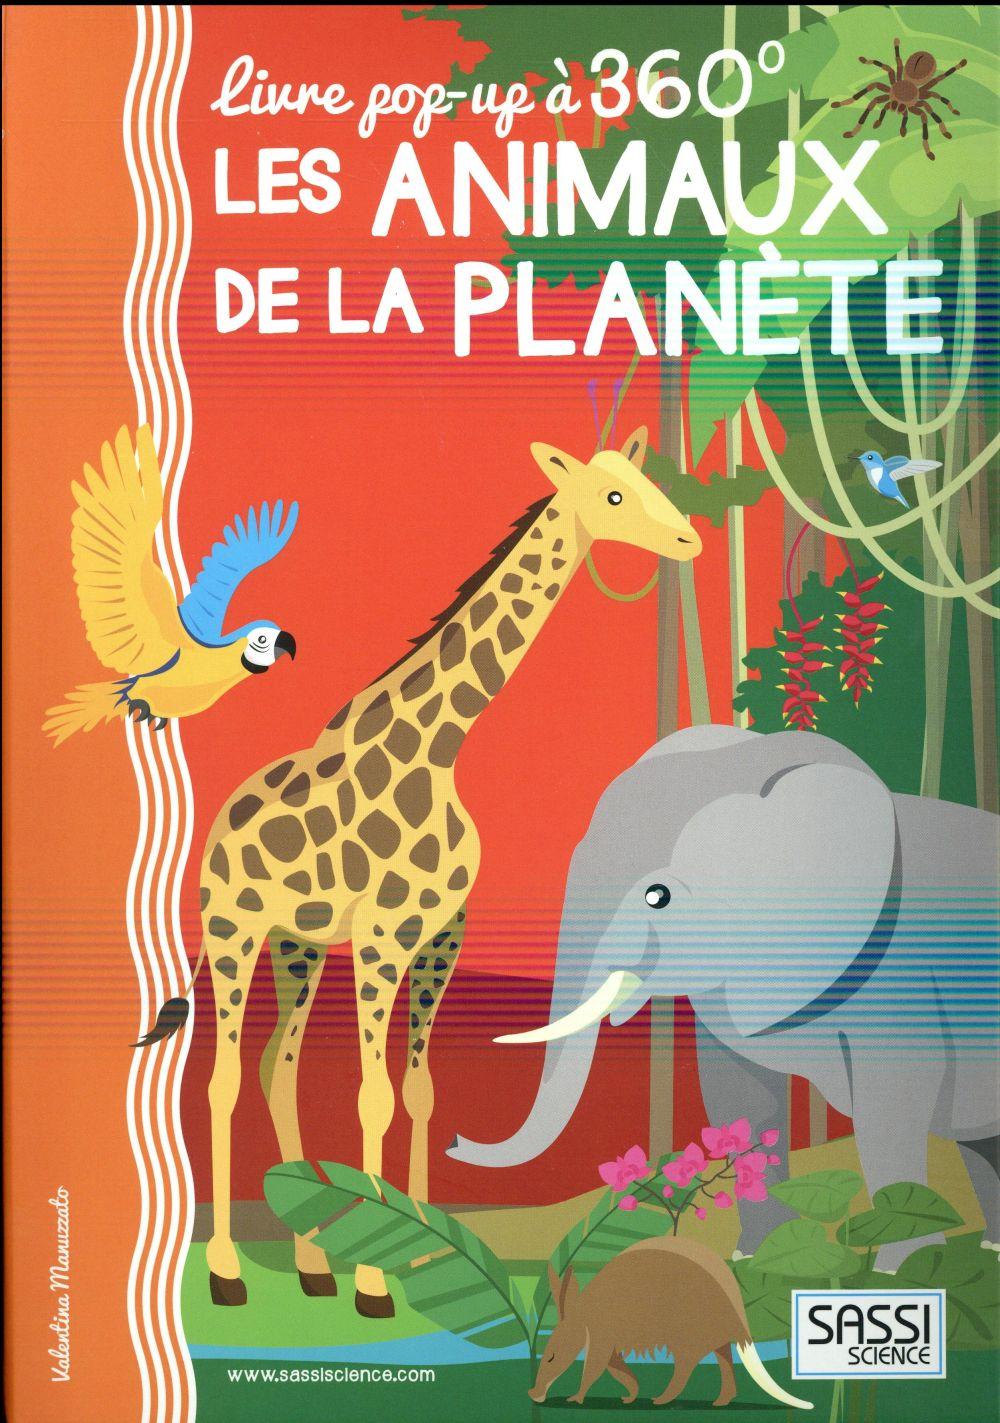 POP-UP 360  - LES ANINAUX DE LA PLANETE